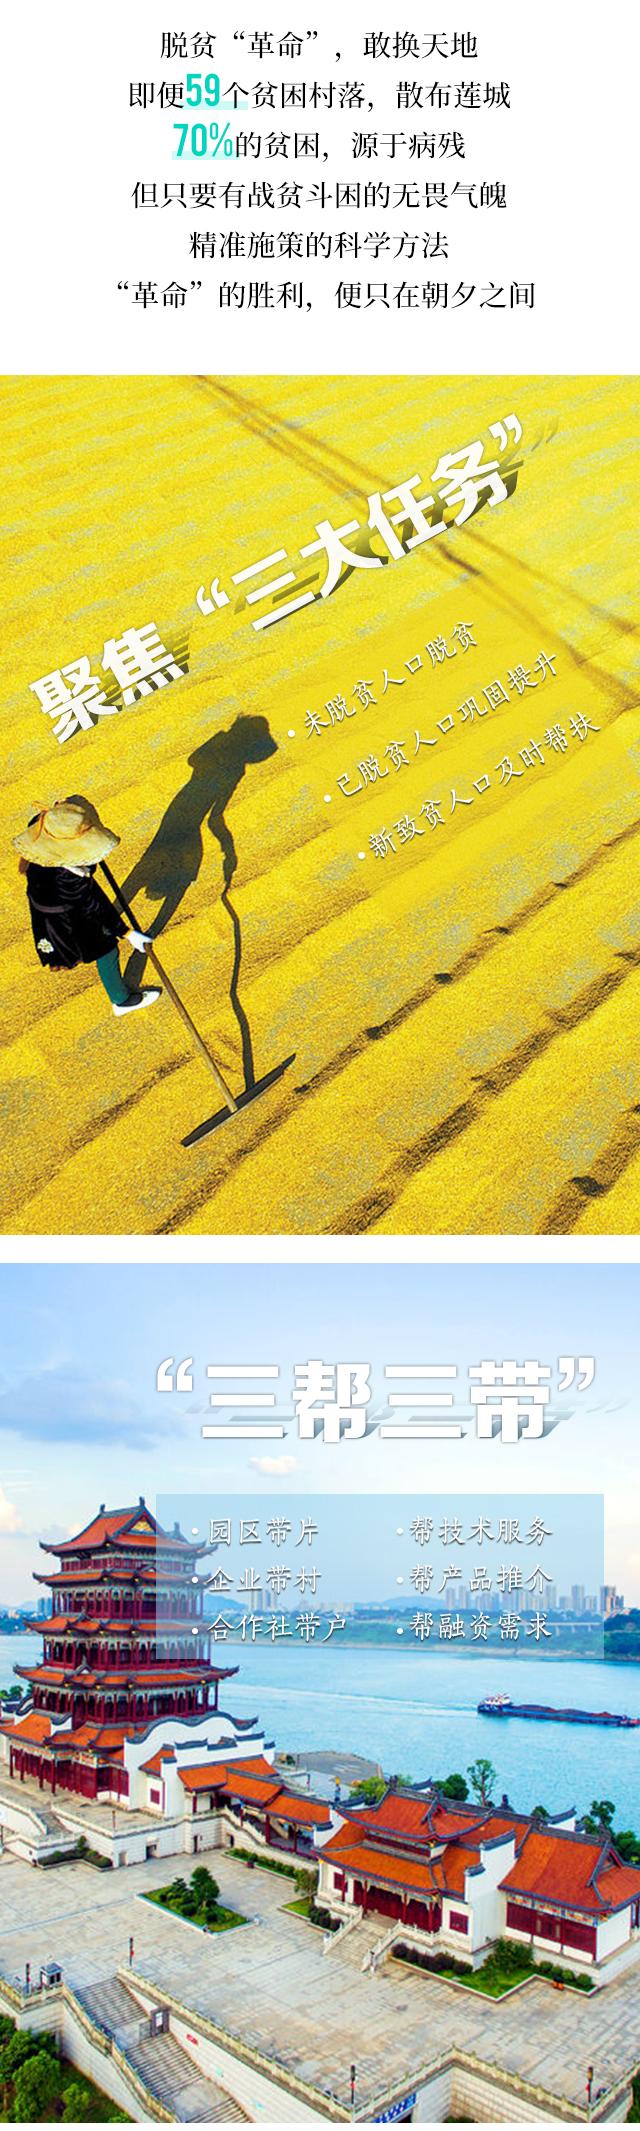 湘潭長圖第一部分_04.jpg